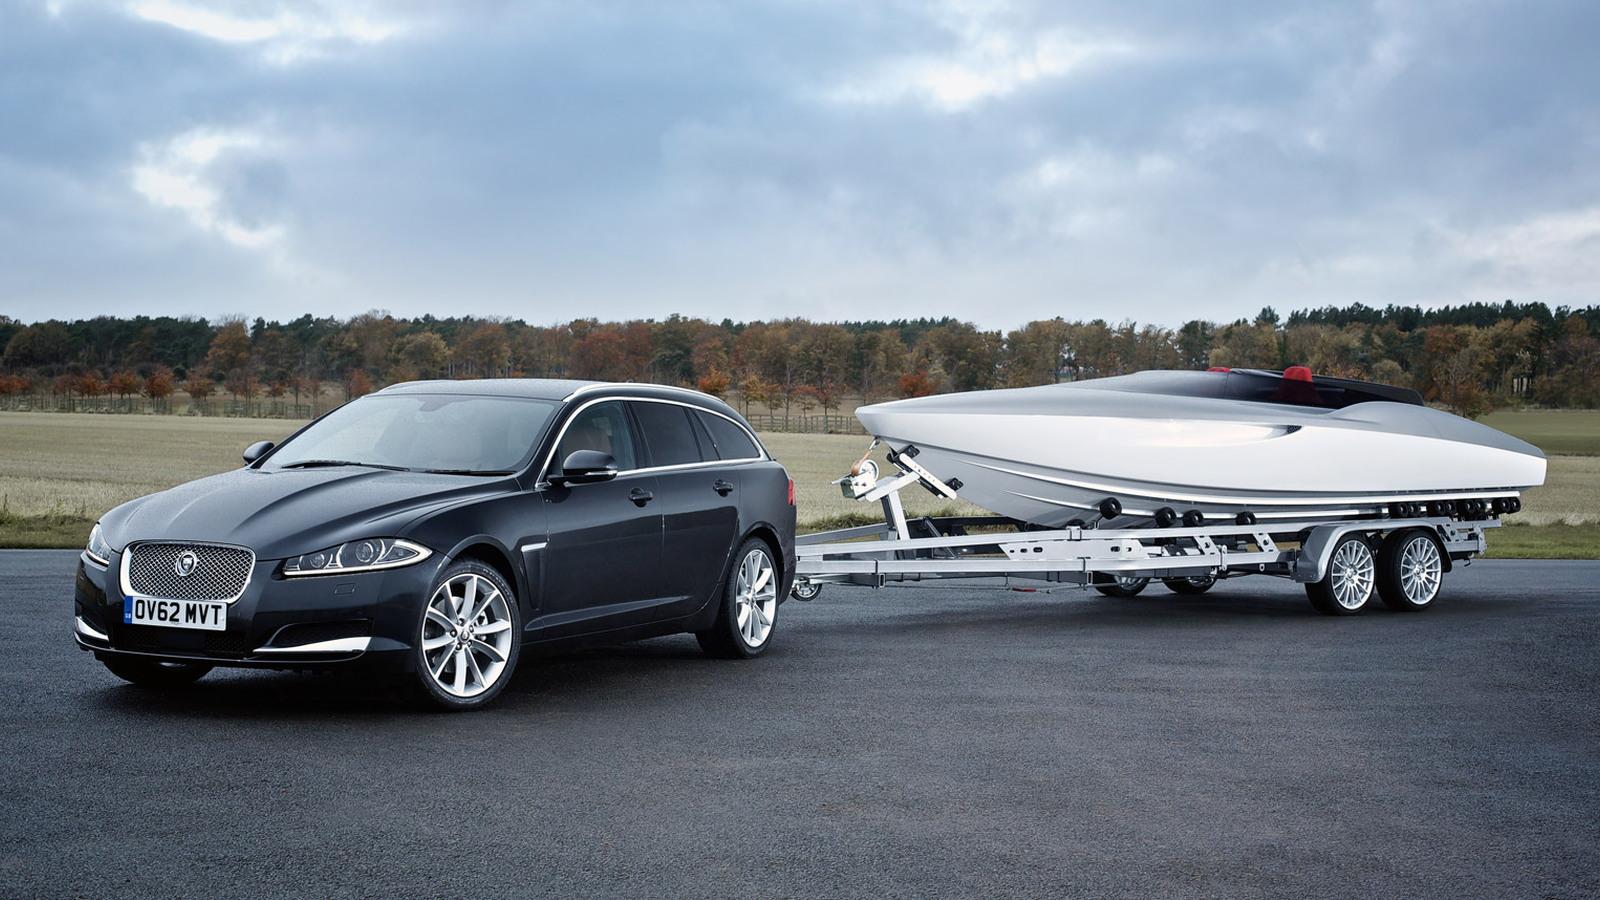 Jaguar's Concept Speedboat